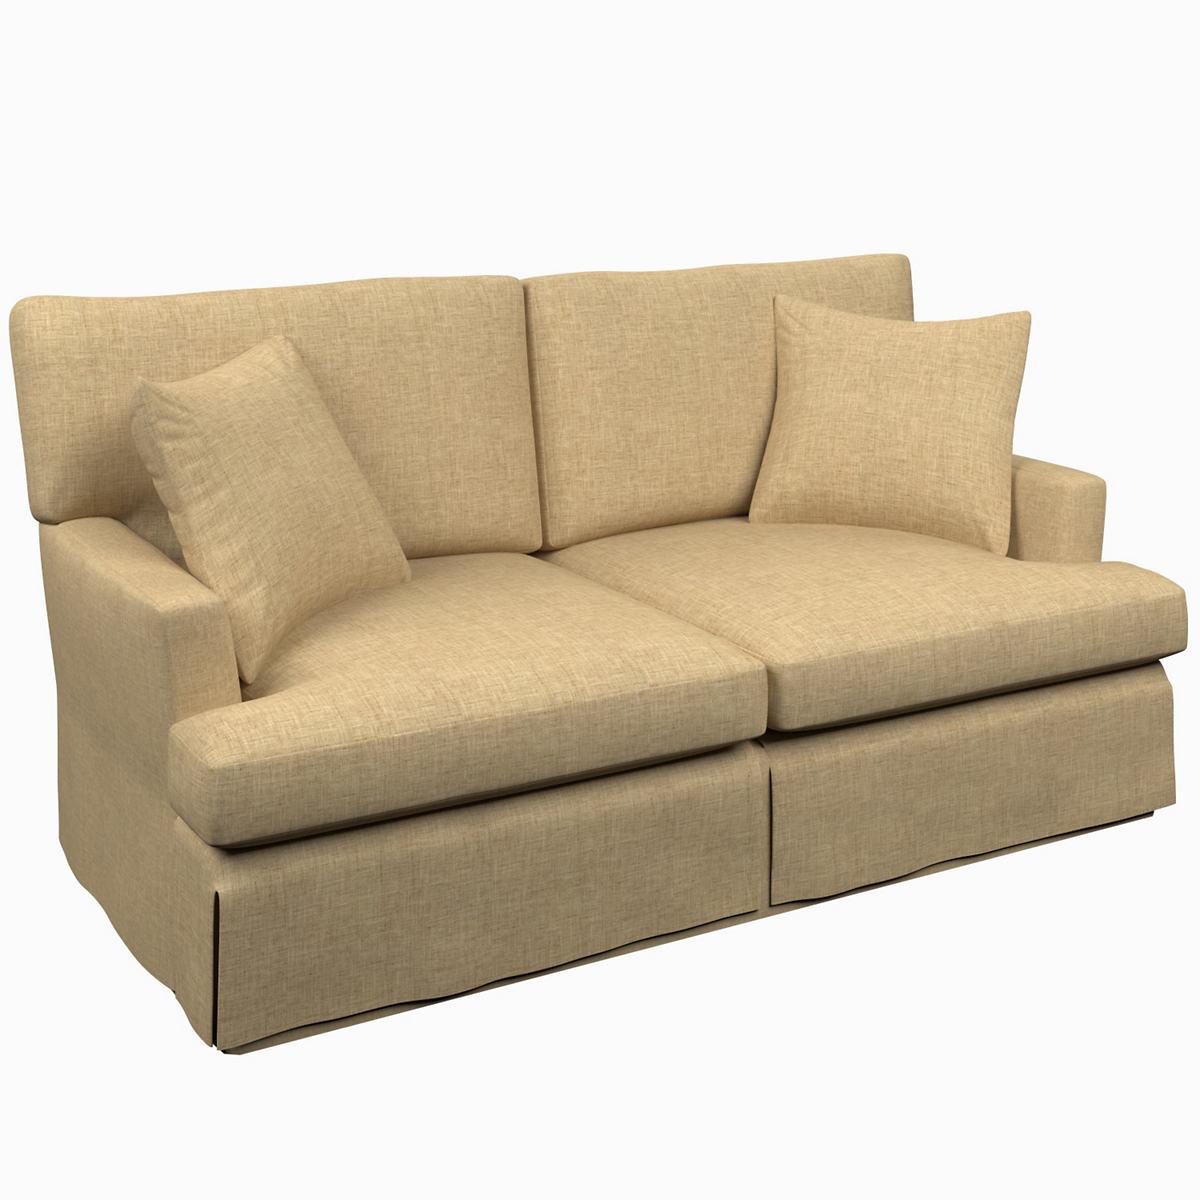 Greylock Natural Saybrook 2 Seater Sofa